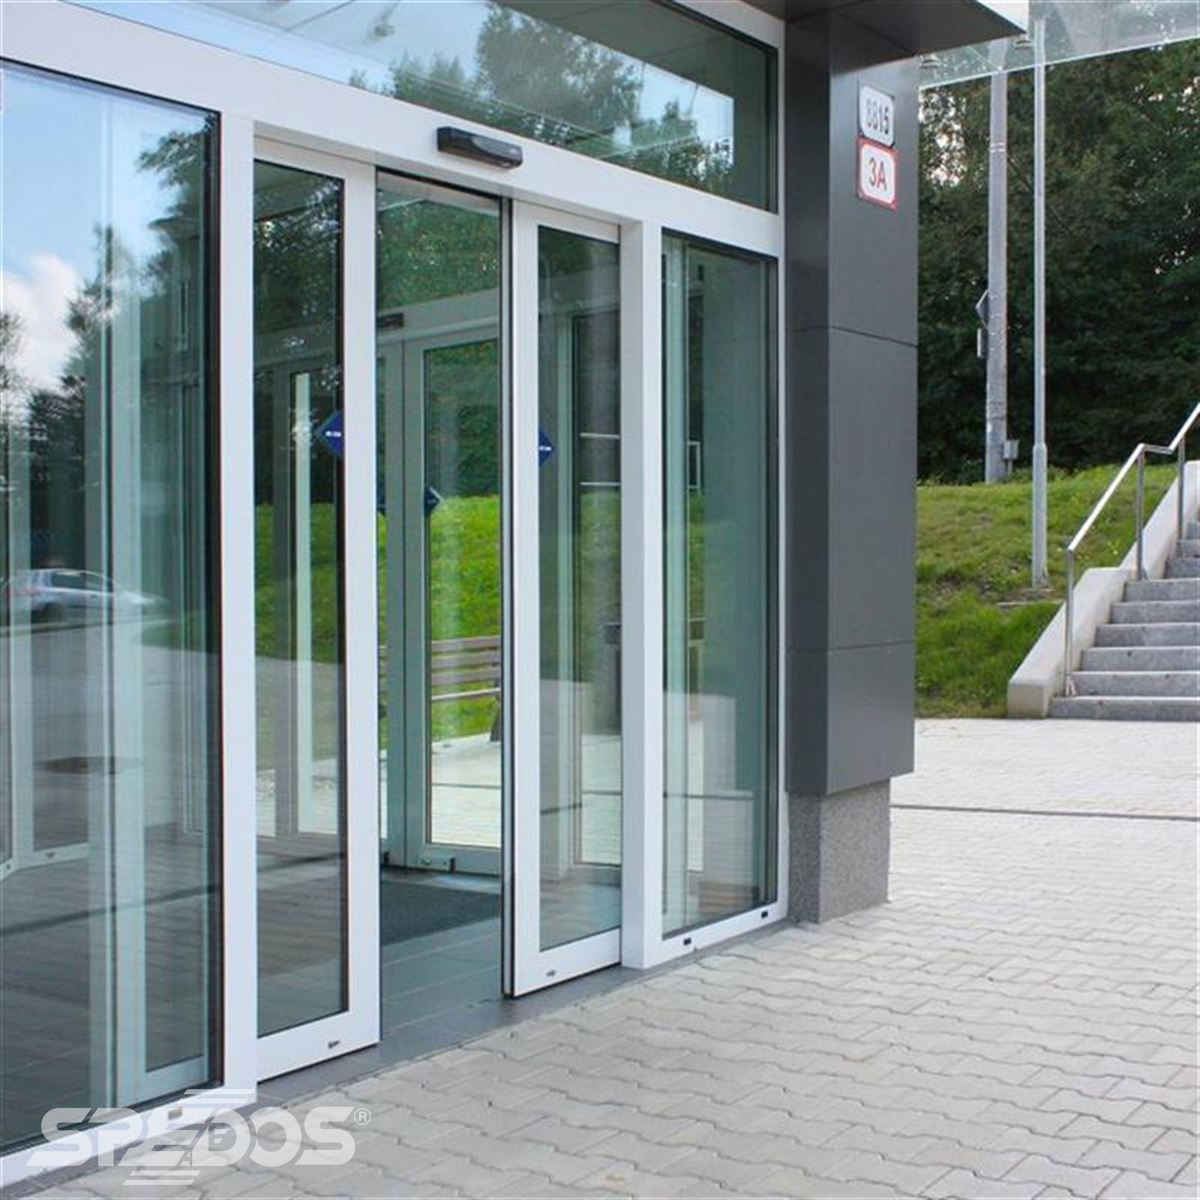 Dvoukřídlé automatické dveře posuvné v Žilinské univerzitě 8